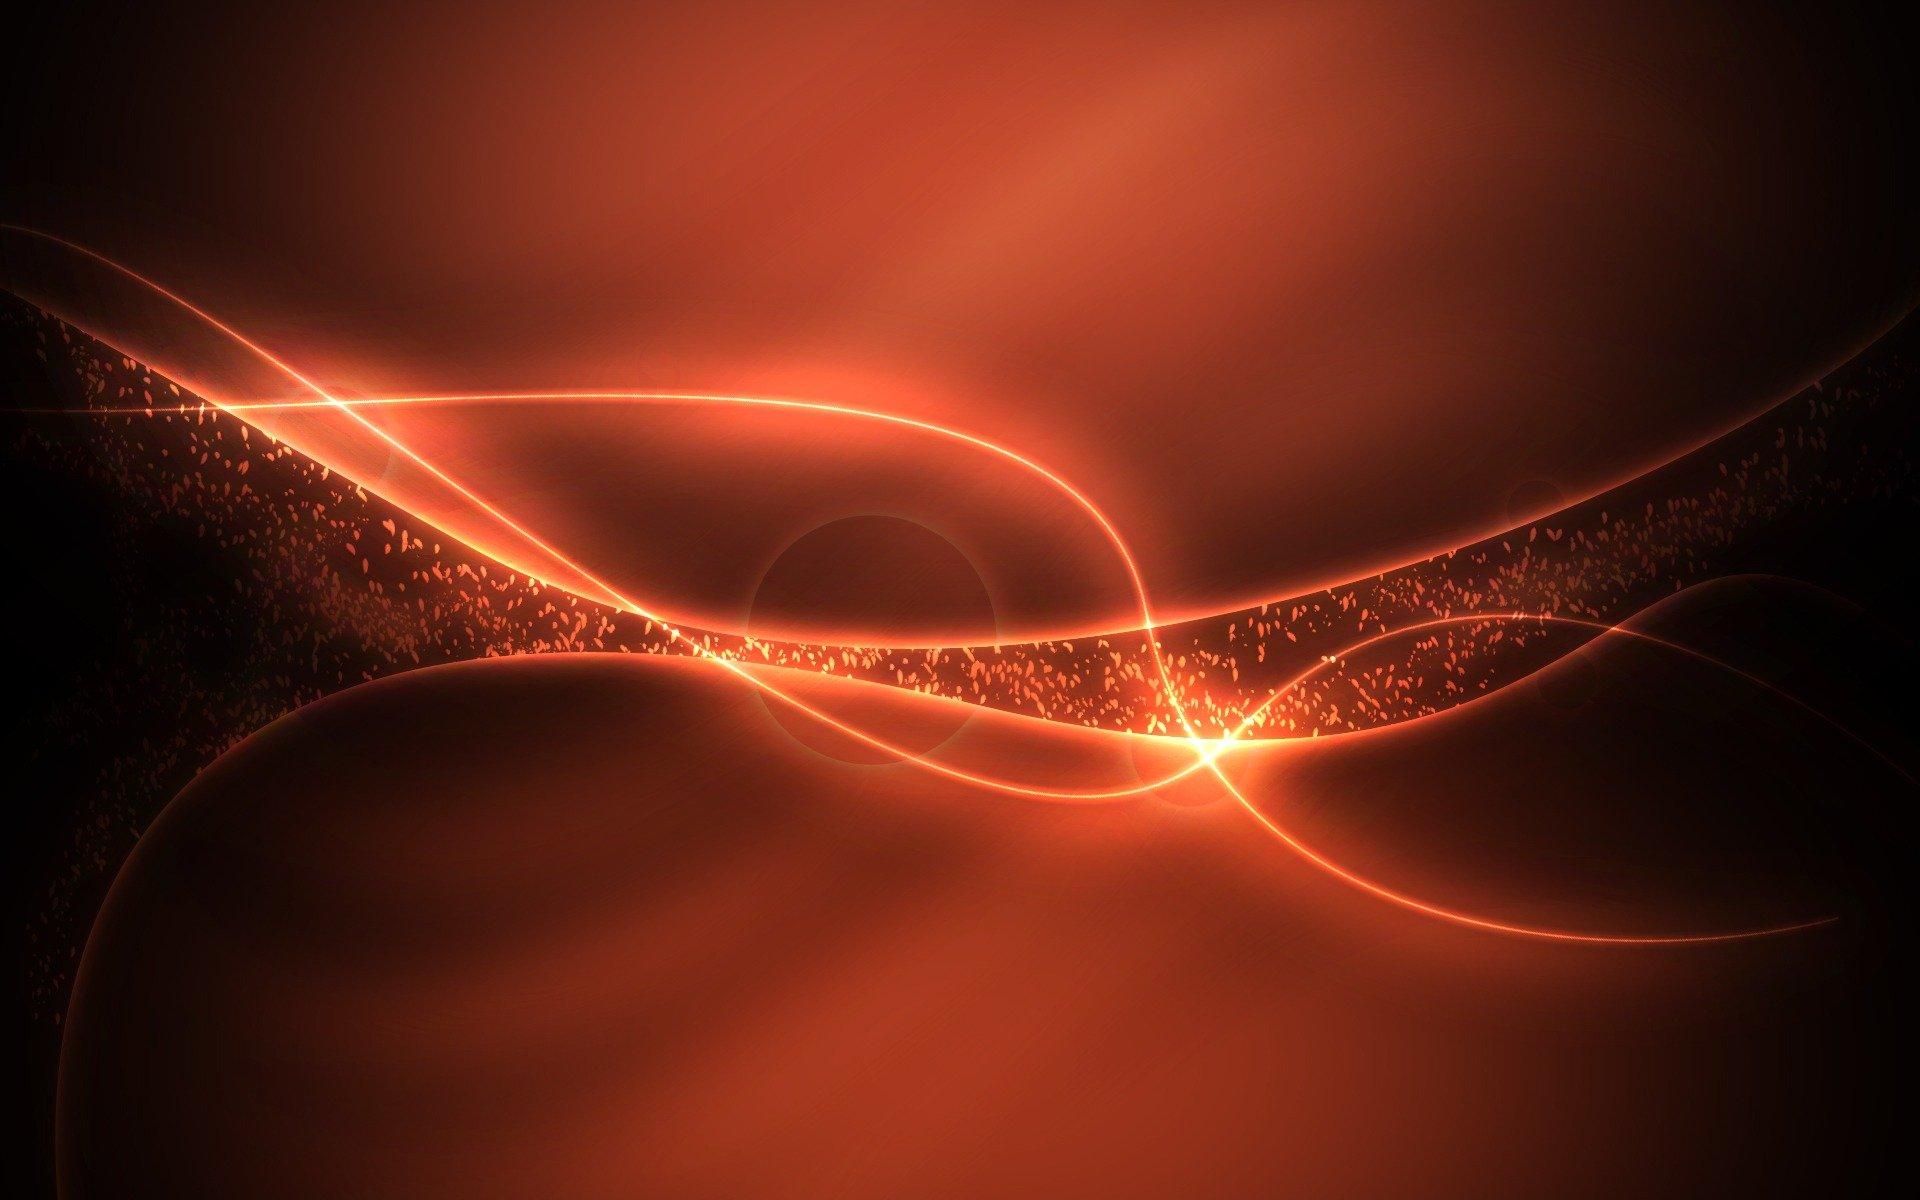 Яркий янтарный свет абстракции бесплатно